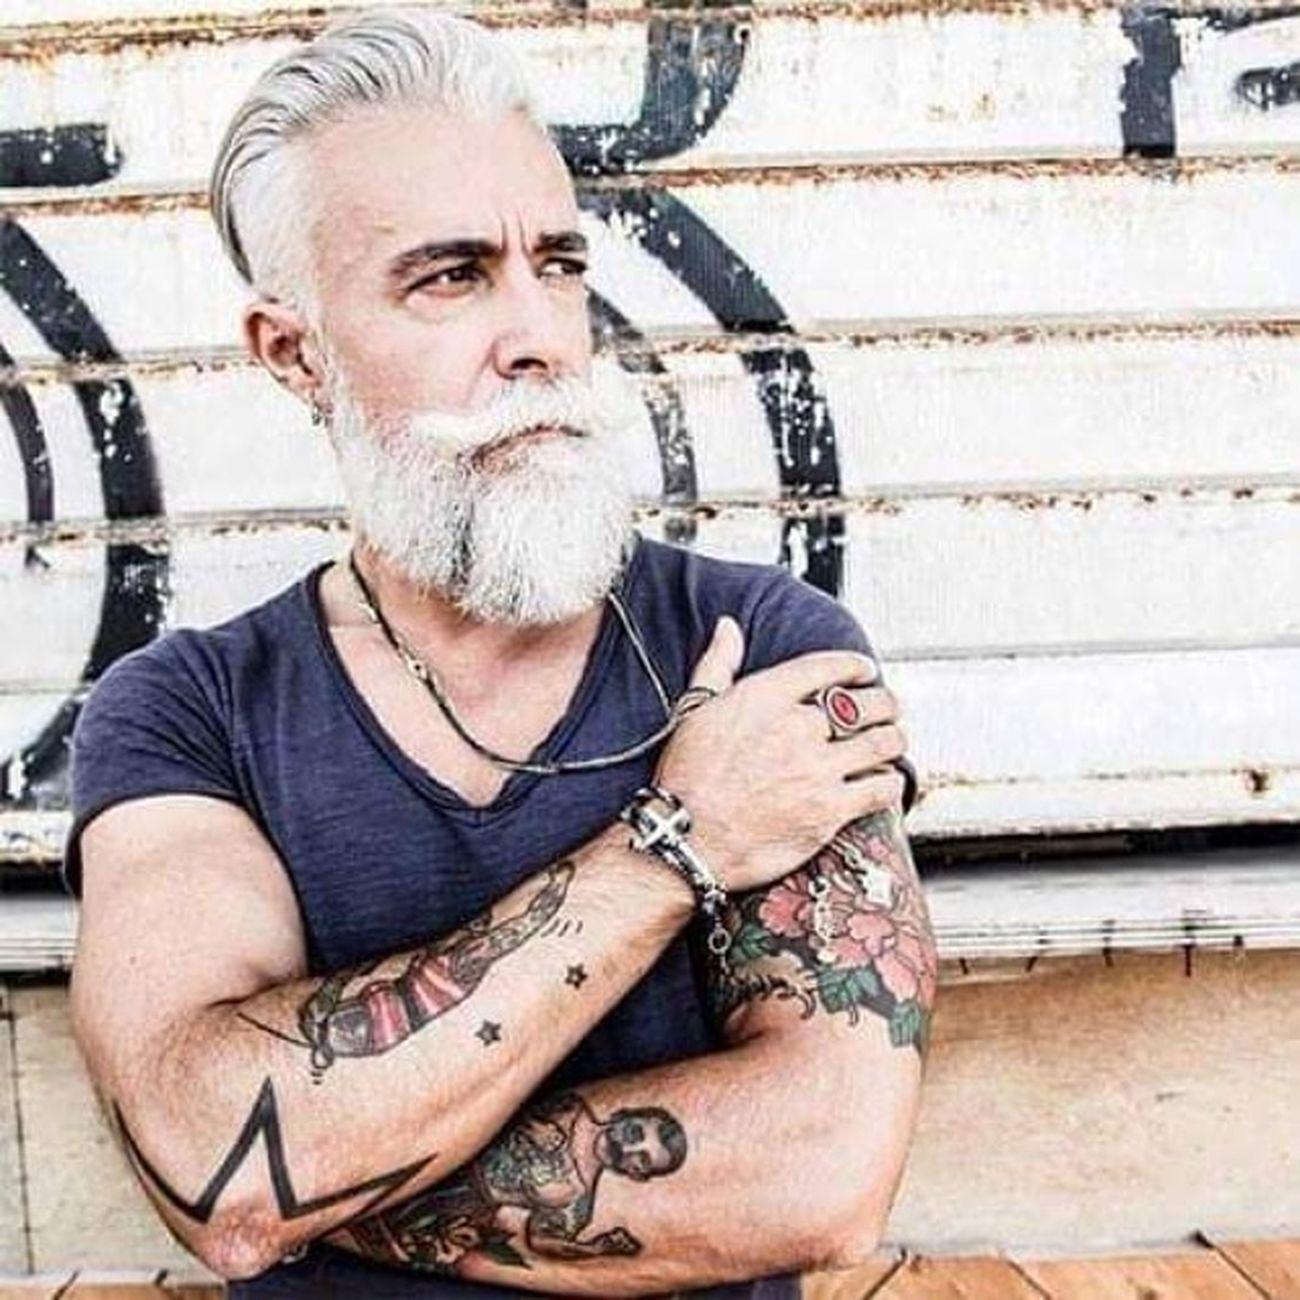 Así quiero llegar a viejo Tattoo Tattoos Tatuaje Tattooart Tattoolife Ink Inked Art Bodyart Oldman